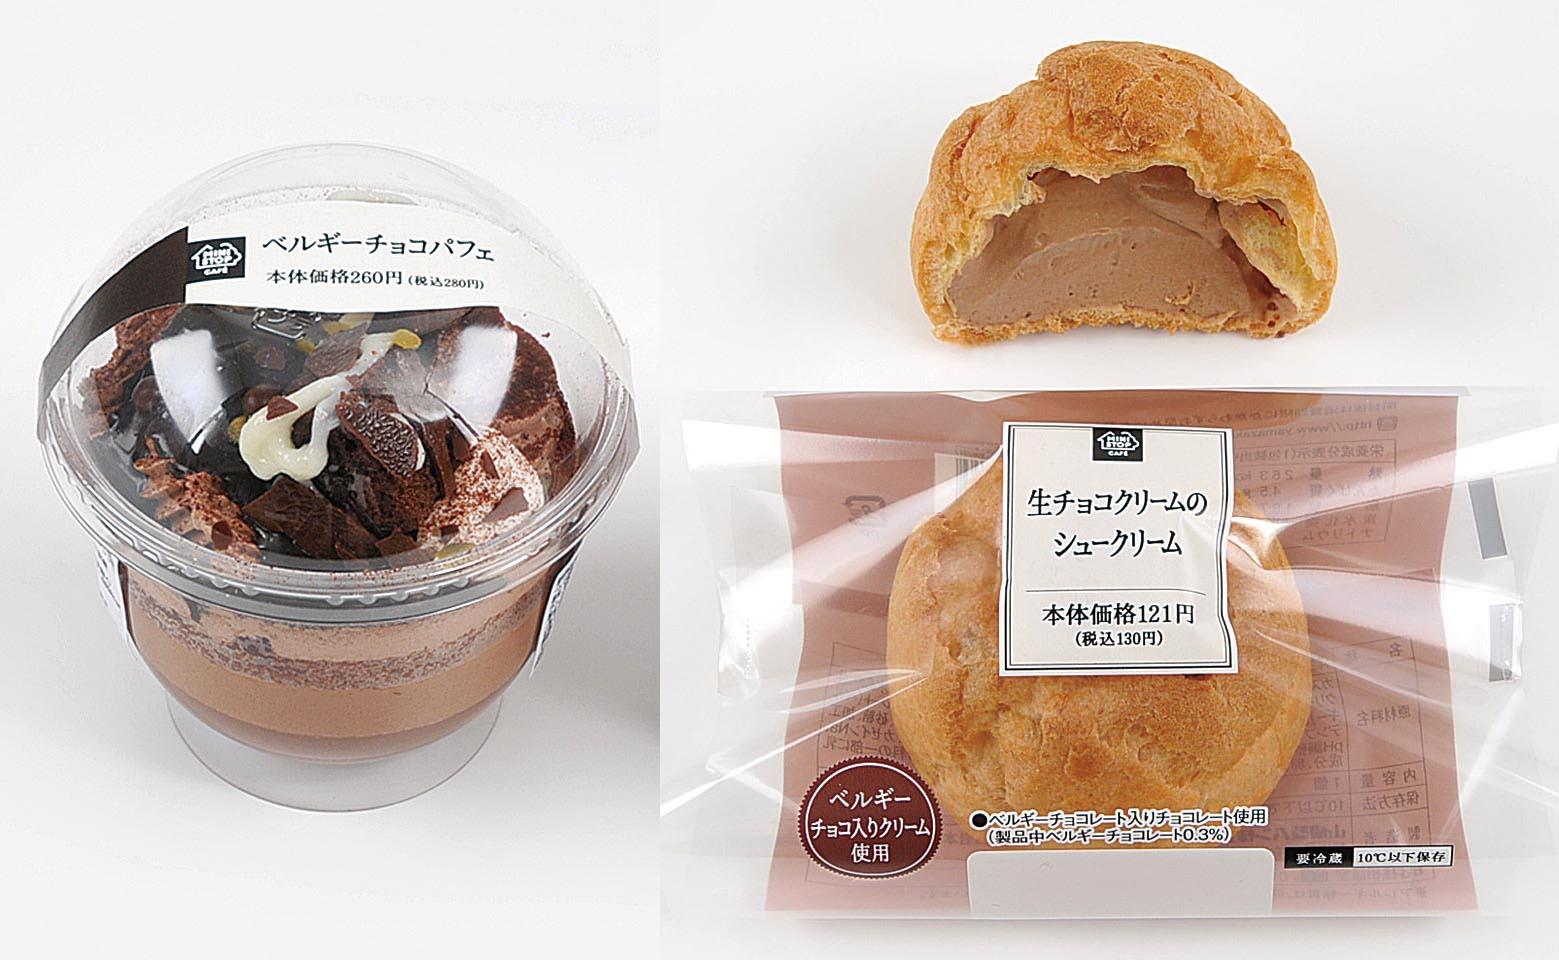 ベルギーチョコパフェ(左)、生チョコクリームのシュークリーム(右)